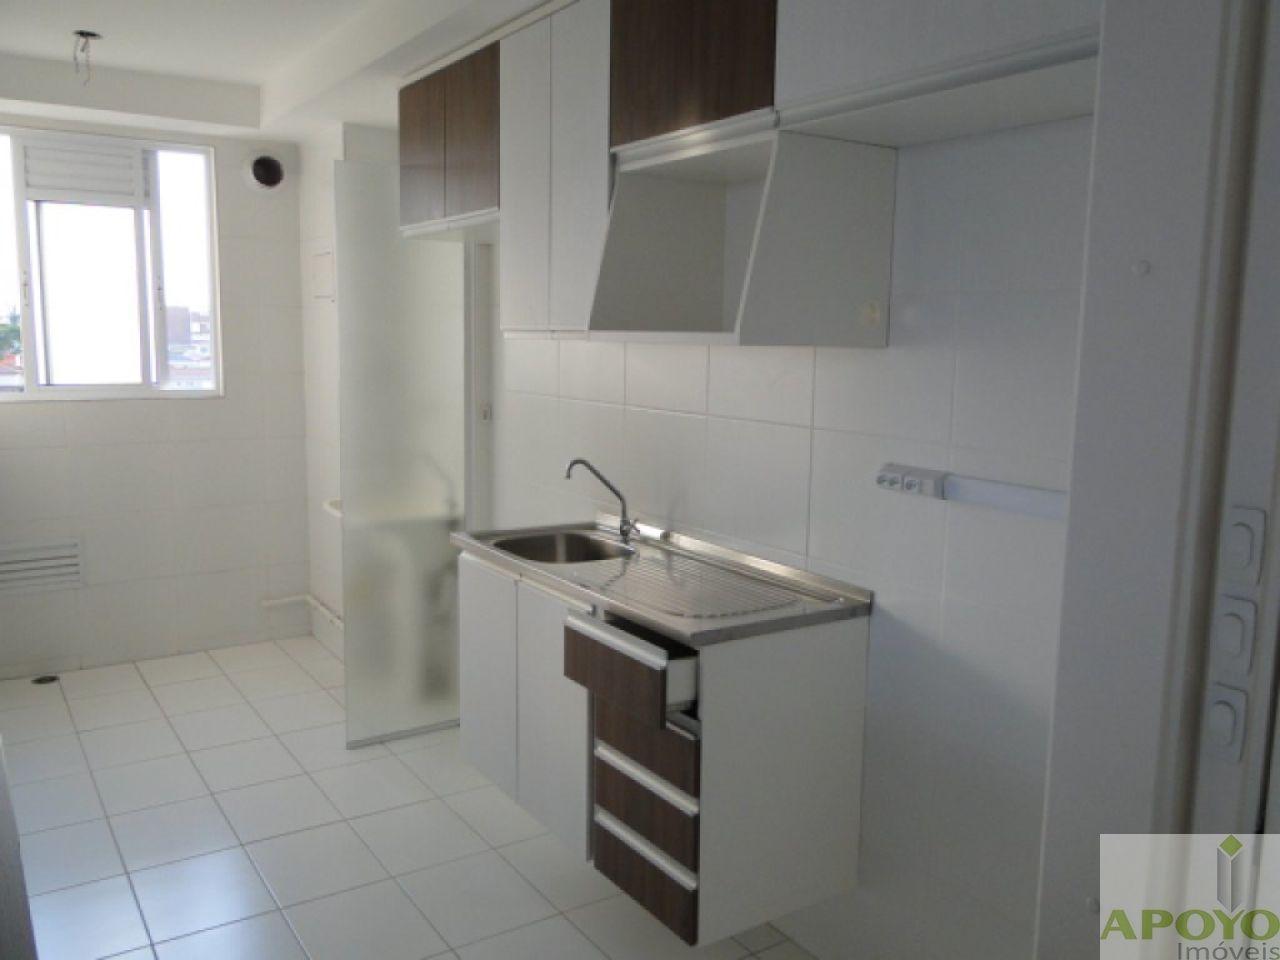 Apartamento de 2 dormitórios à venda em Jardim Prudencia, São Paulo - SP